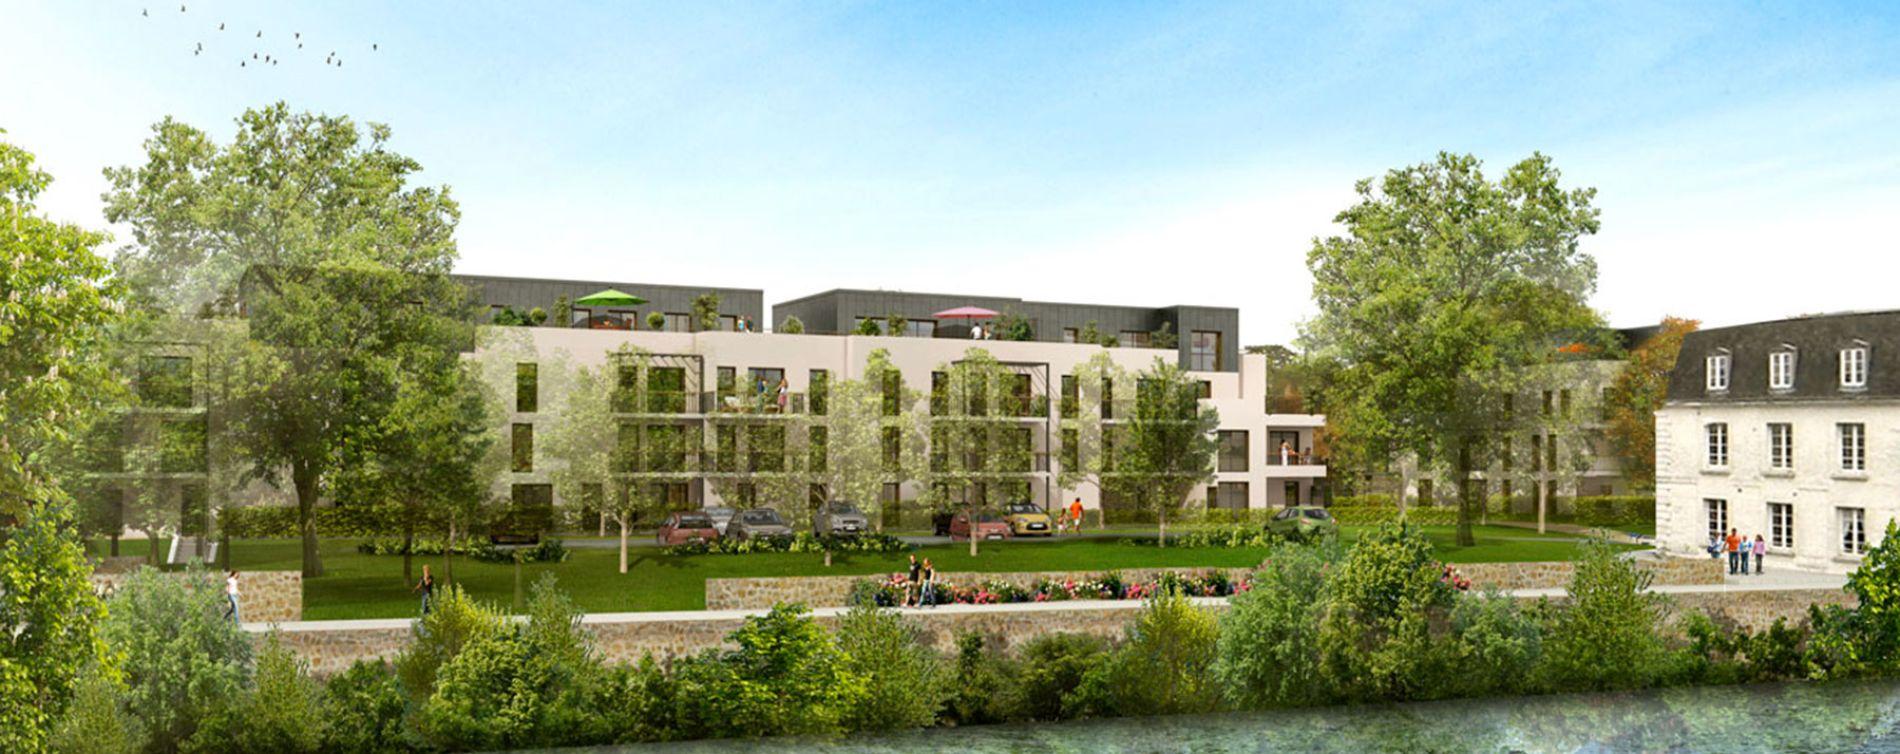 Résidence Castel Joli Acte 2 à Corbeil-Essonnes